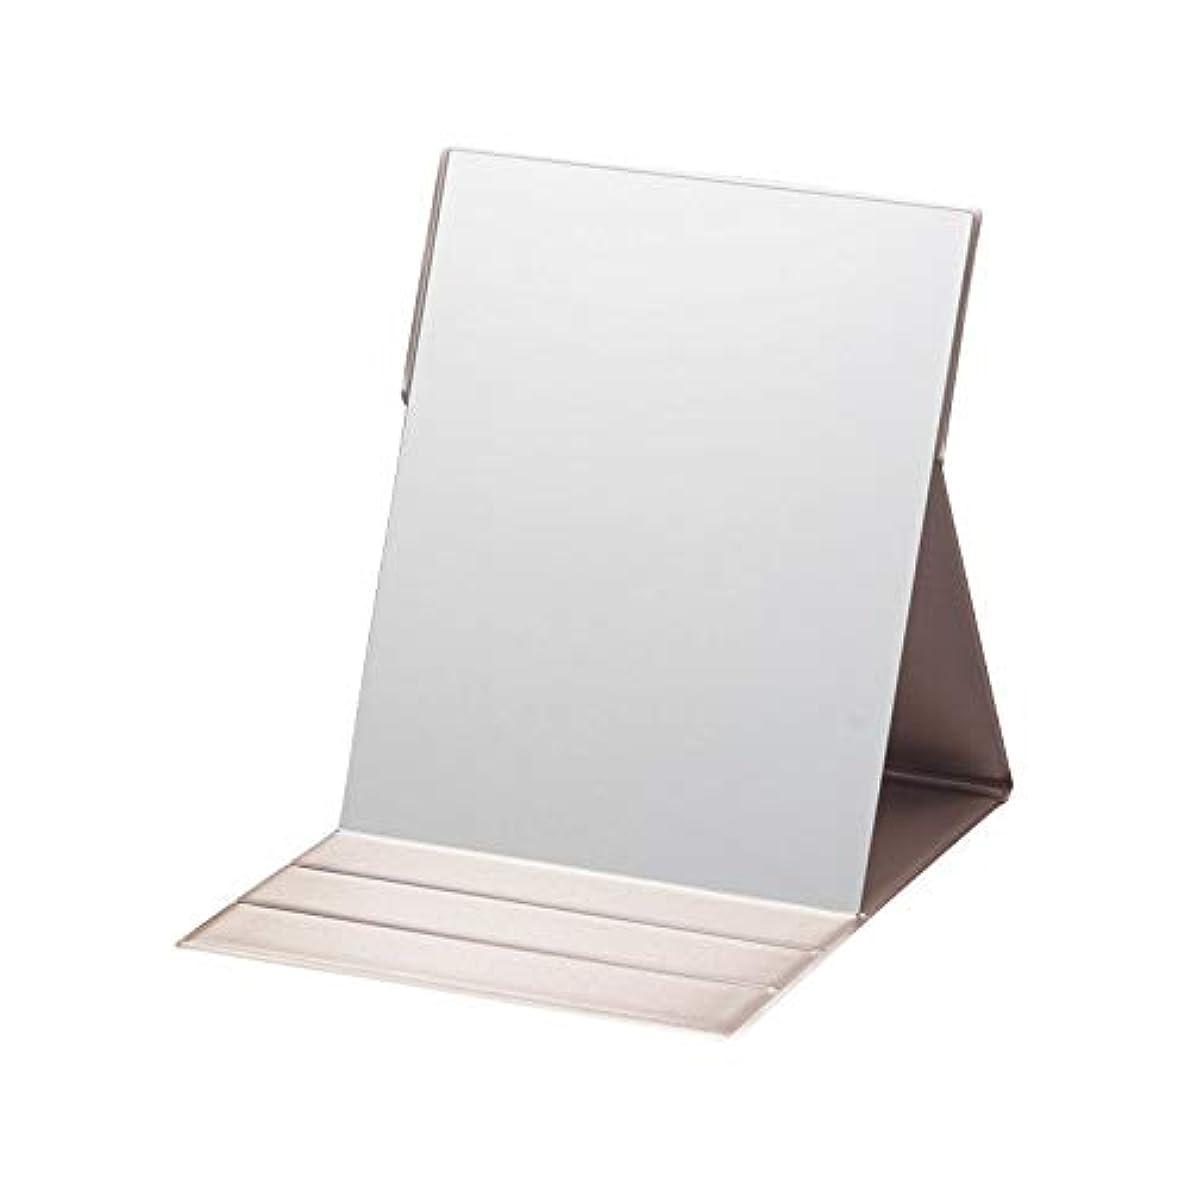 快適類人猿無関心プロモデル折立ナピュアミラー L 【折りたたみ コンパクト 化粧 けしょう 持ち運び 折立ミラー 鏡】